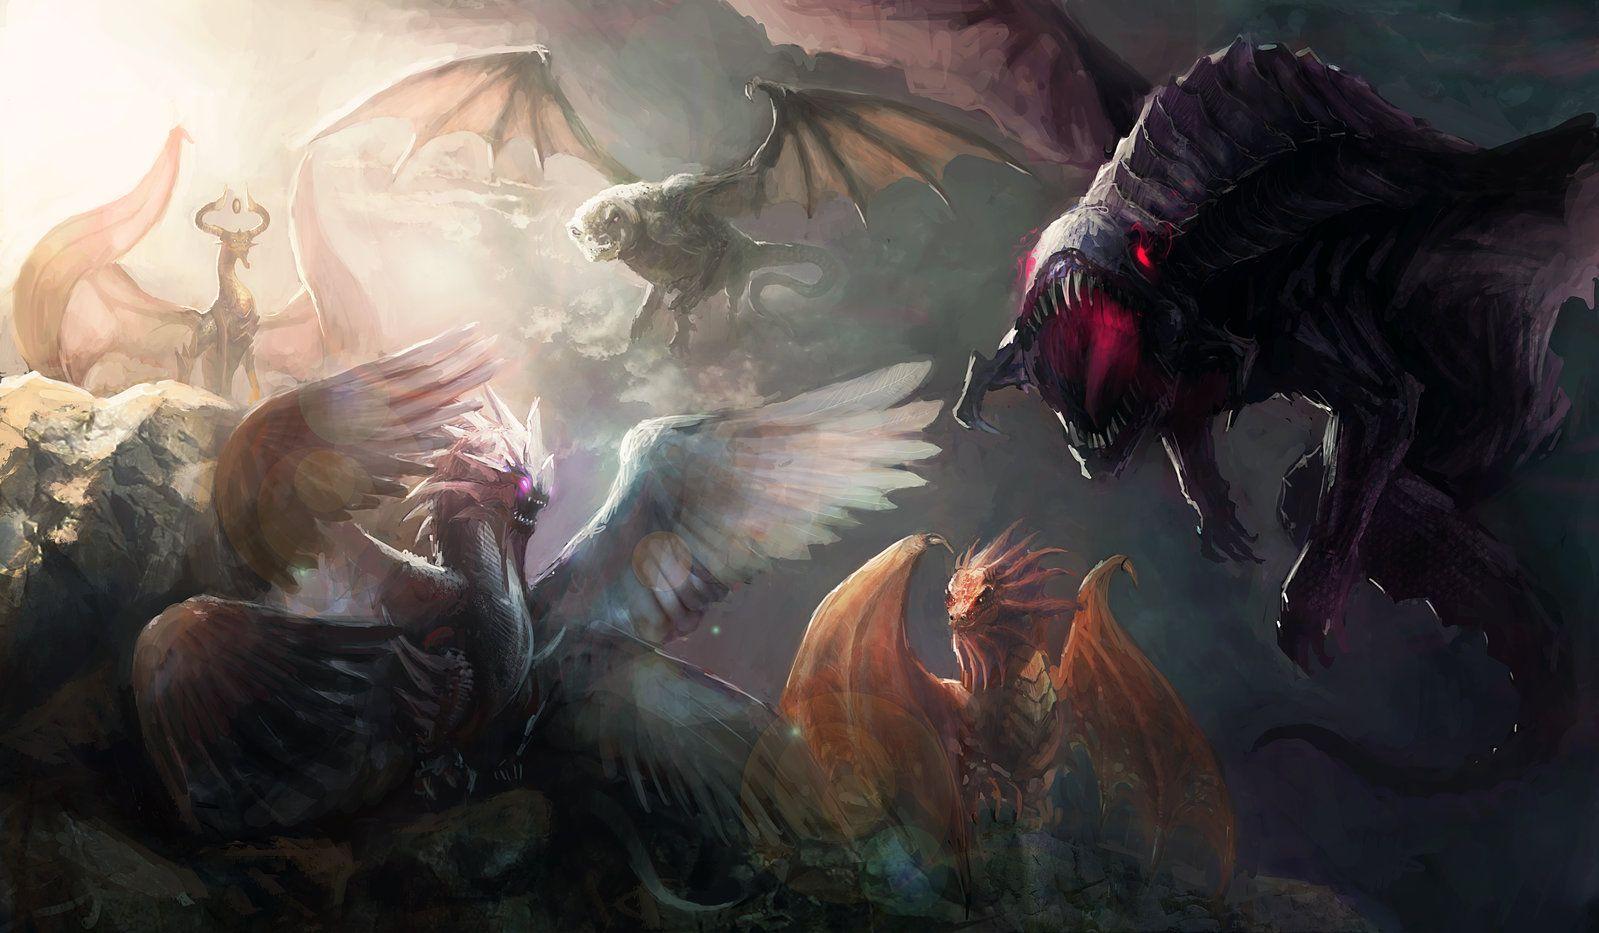 mtg_dragons_by_chevsy-d8wikc1.jpg (1599×933)